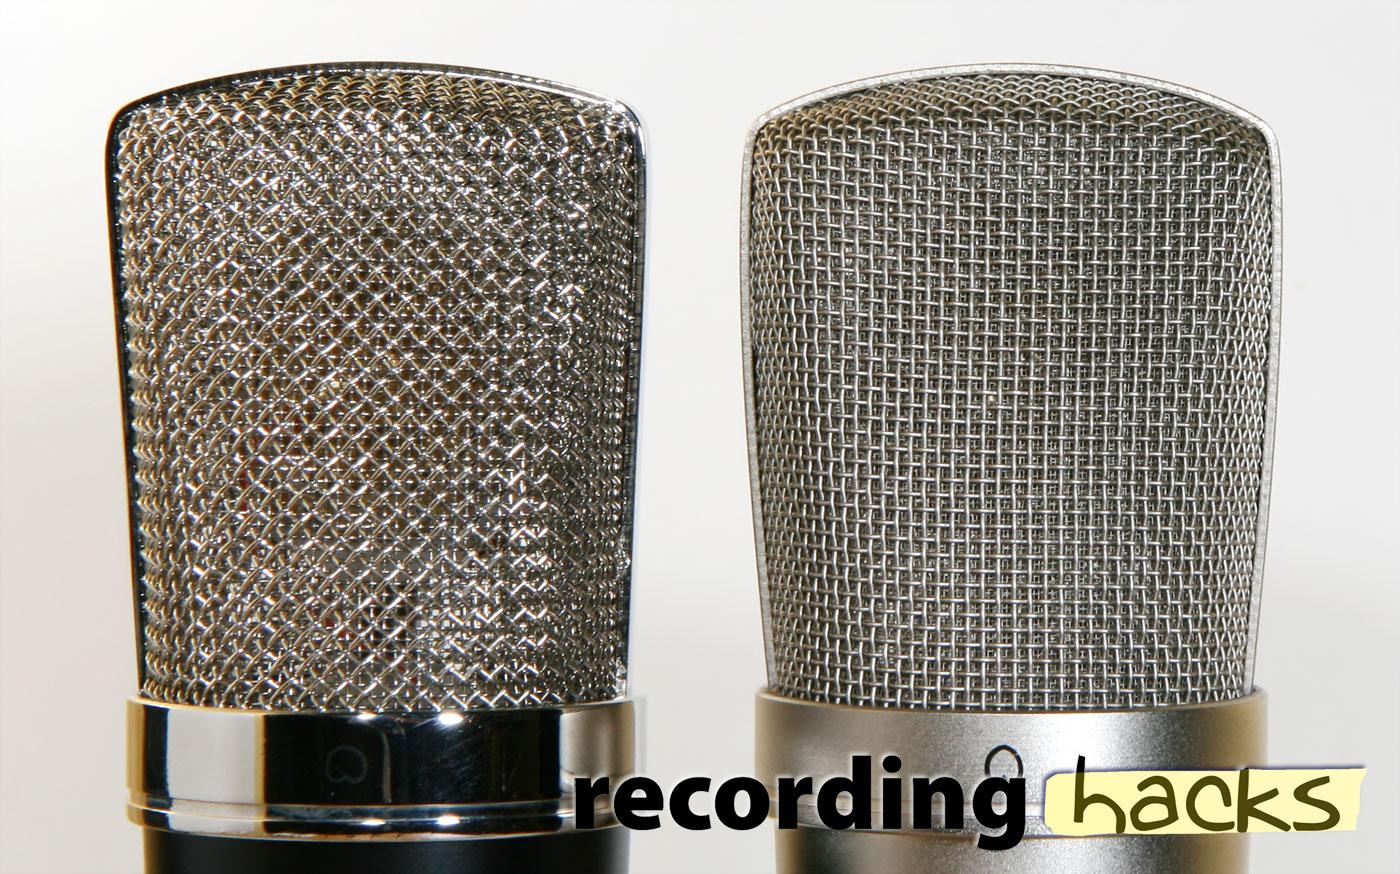 Gauge Microphones Ecm 87 Stealth Recordinghacks Com